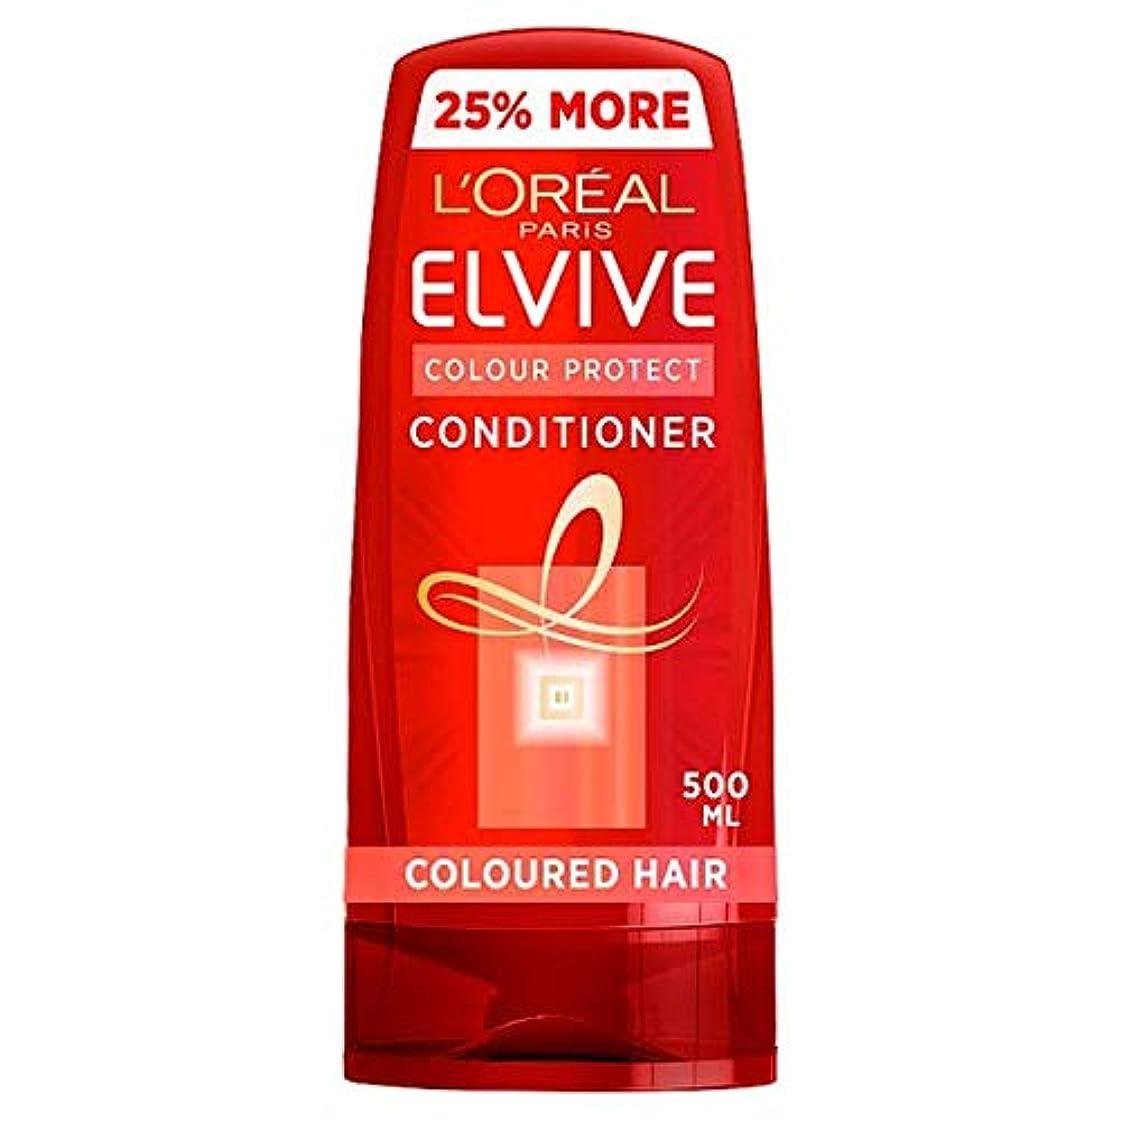 彼女のヒゲ安定した[Elvive] ロレアルのElviveの色は、着色ヘアコンディショナー500ミリリットルを保護します - L'oreal Elvive Colour Protect Coloured Hair Conditioner...